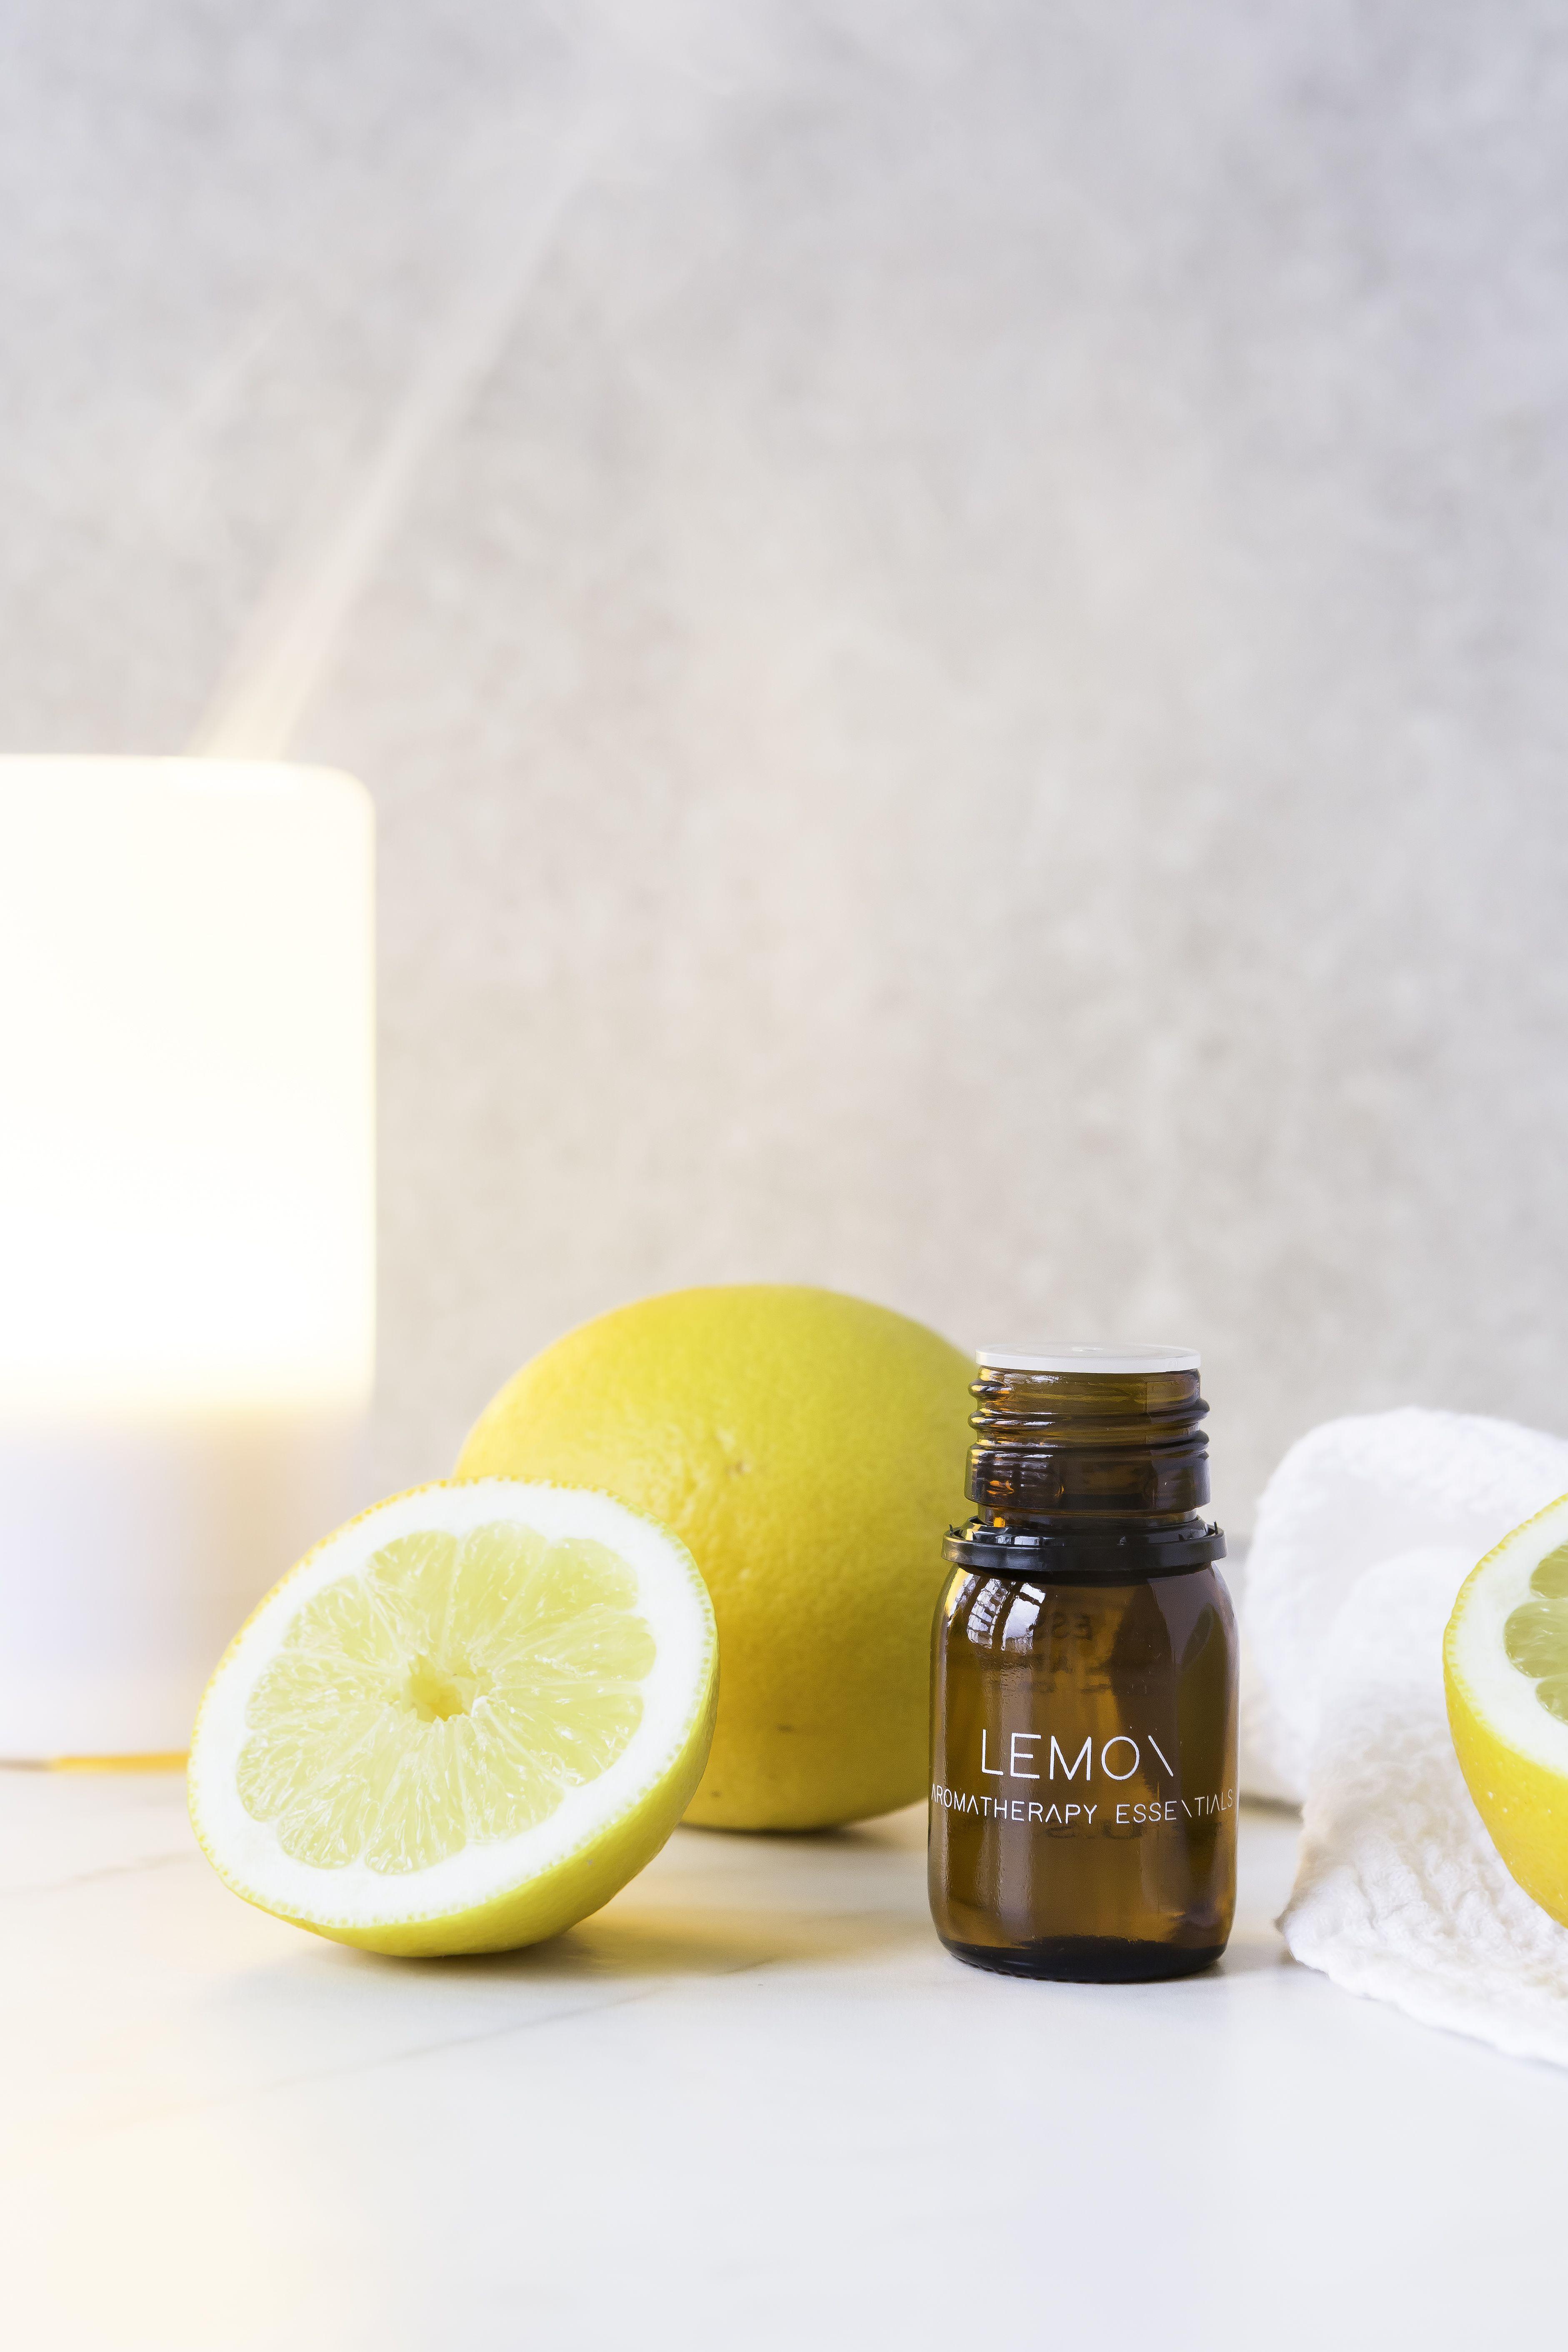 Essential oils are precious, concentrated liquids